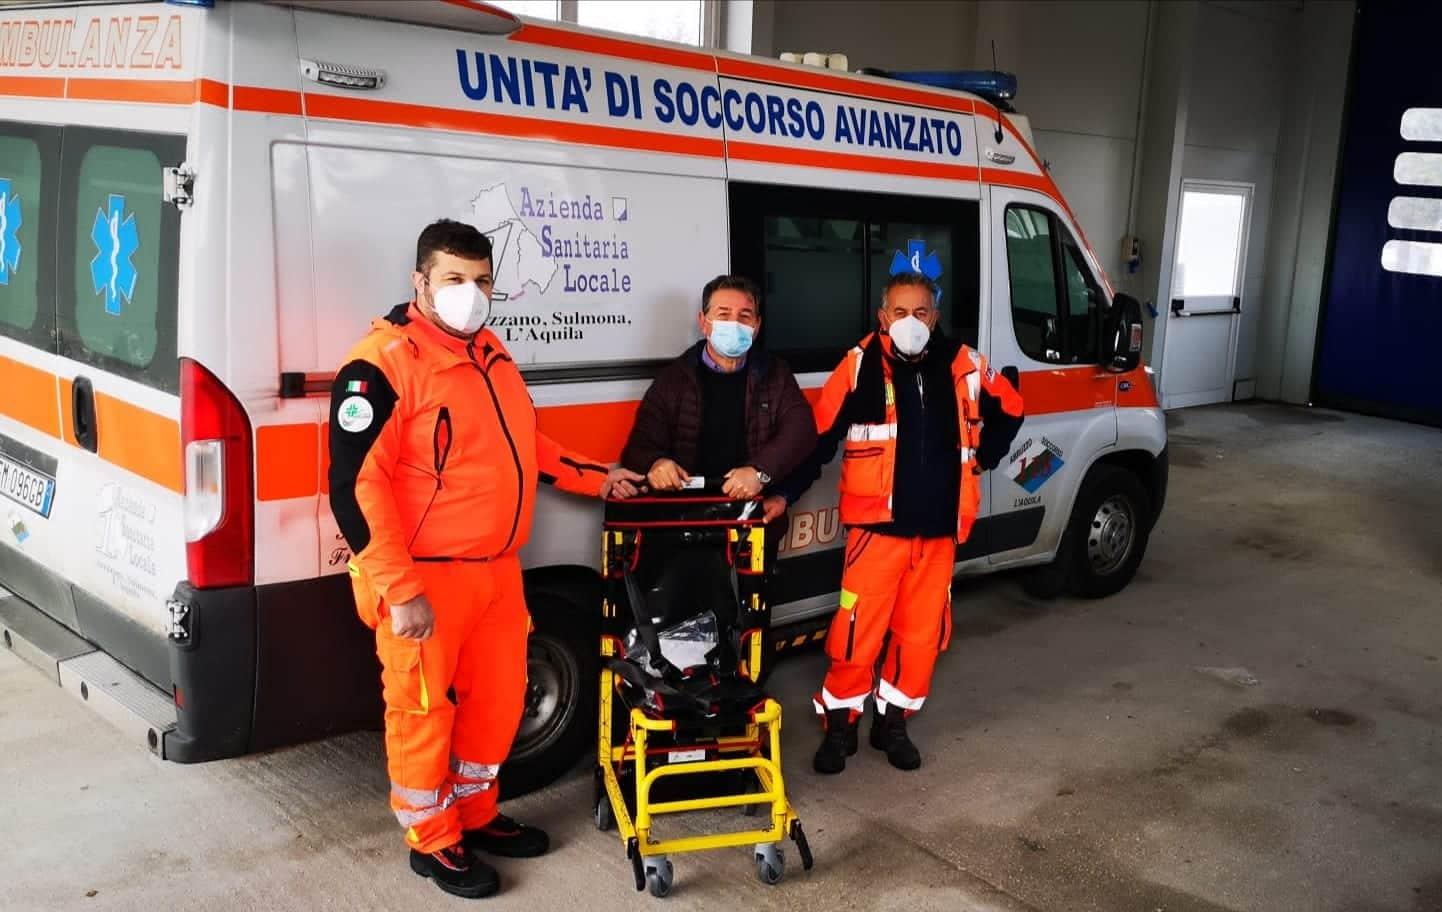 Servizio 118 Avezzano, una nuova sedia sali/scendi scale motorizzata donata dalla Fondazione Carispaq e dalla Croce Verde di Civitella Roveto